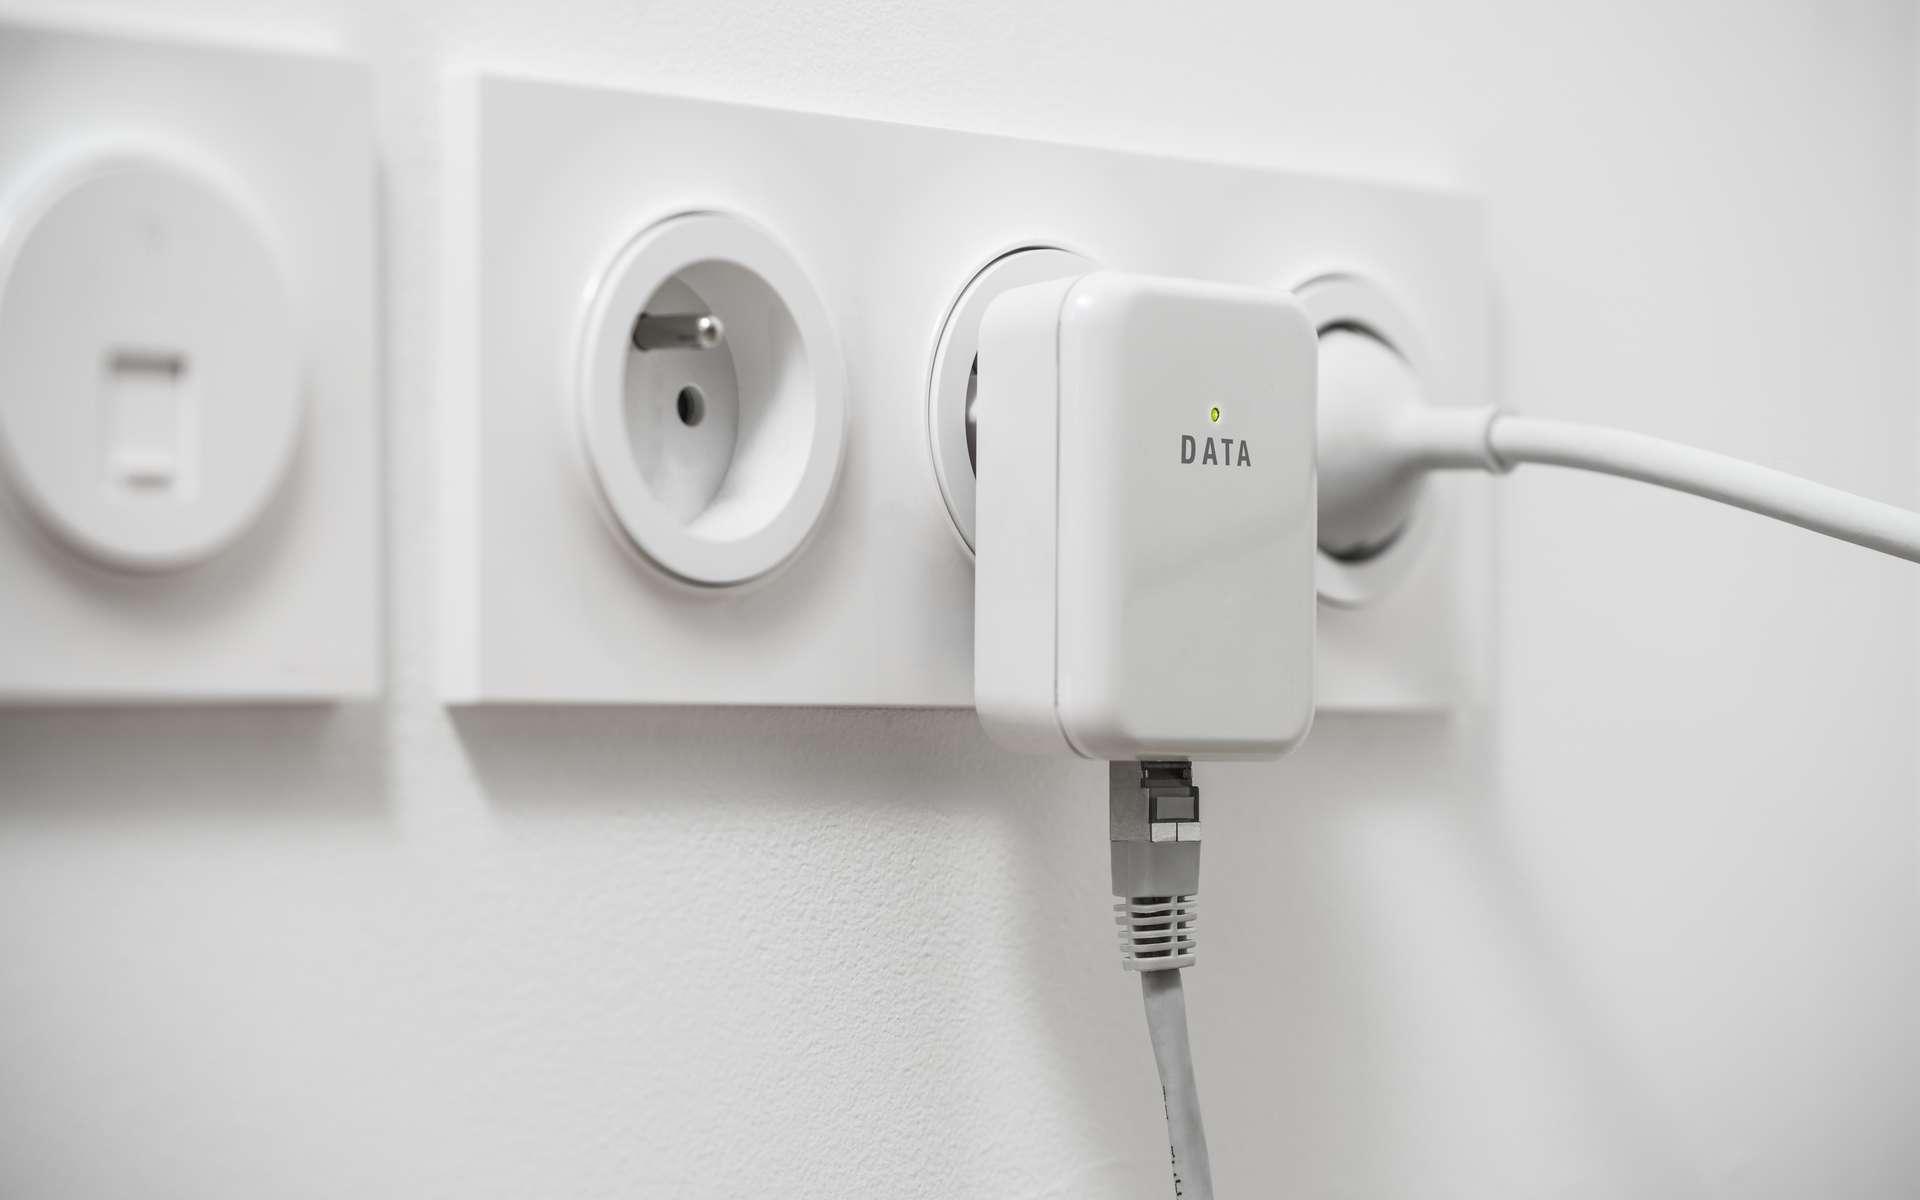 La prise CPL est la solution idéale pour étendre très facilement votre connexion Internet. © Olivier Le Moal, Adobe Stock